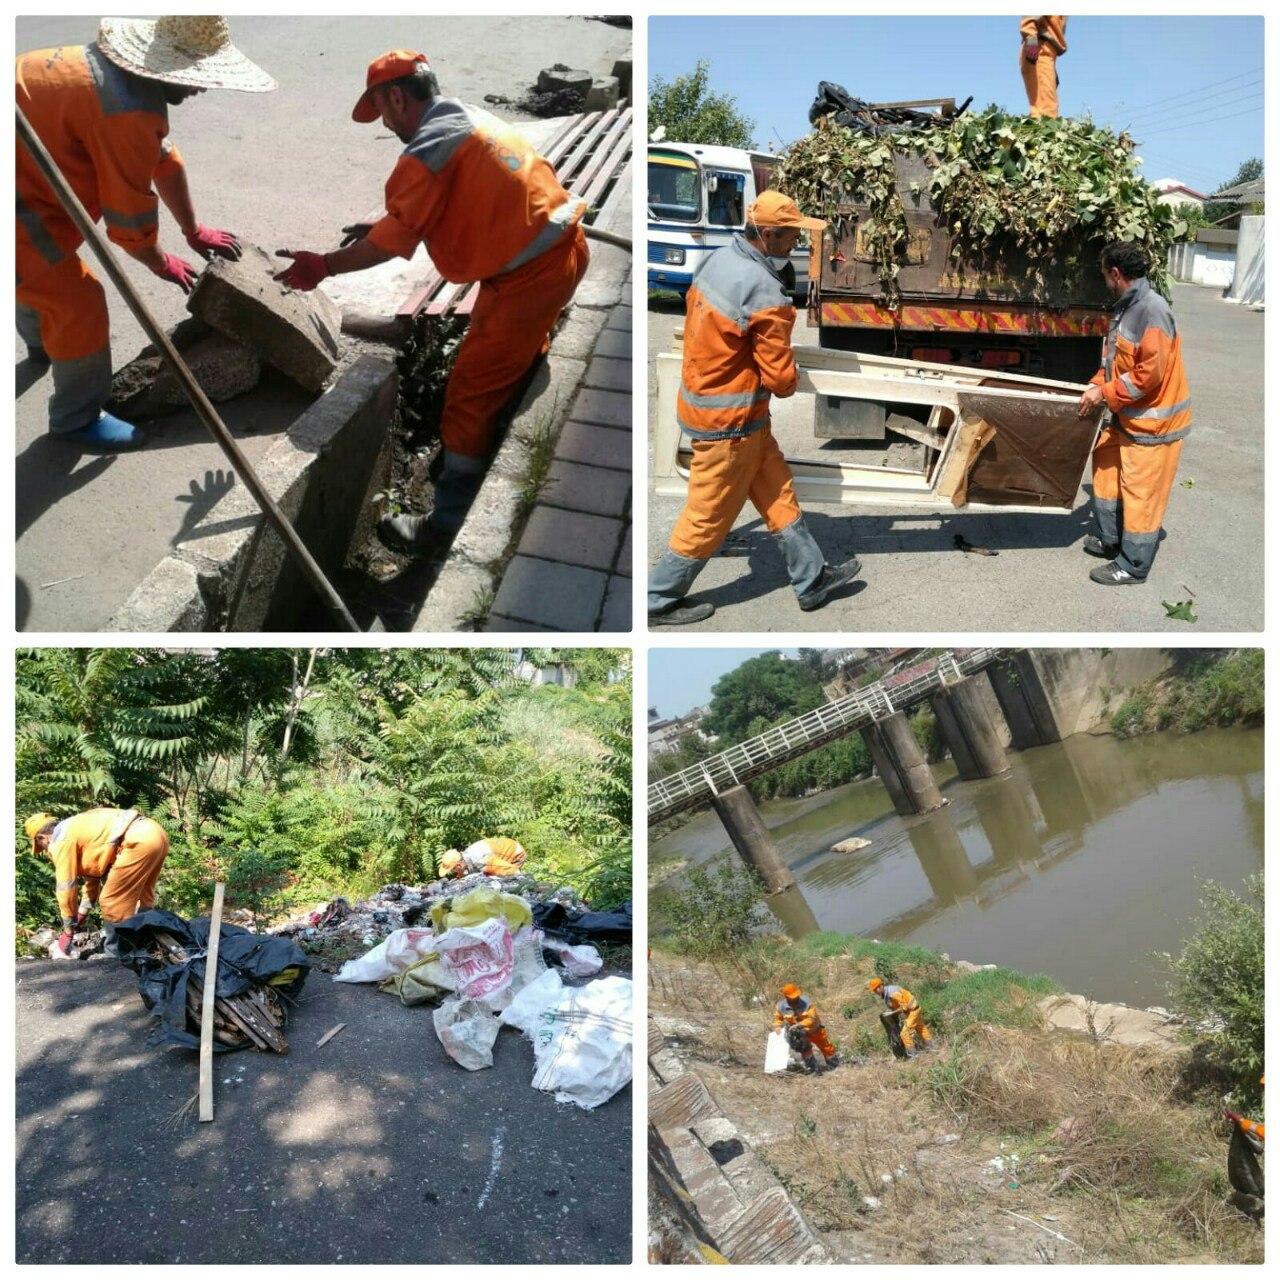 گزارش حوزه مدیریت خدمات شهری از هفته یازدهم طرح پاکسازی هفتگی محلات شهر رشت